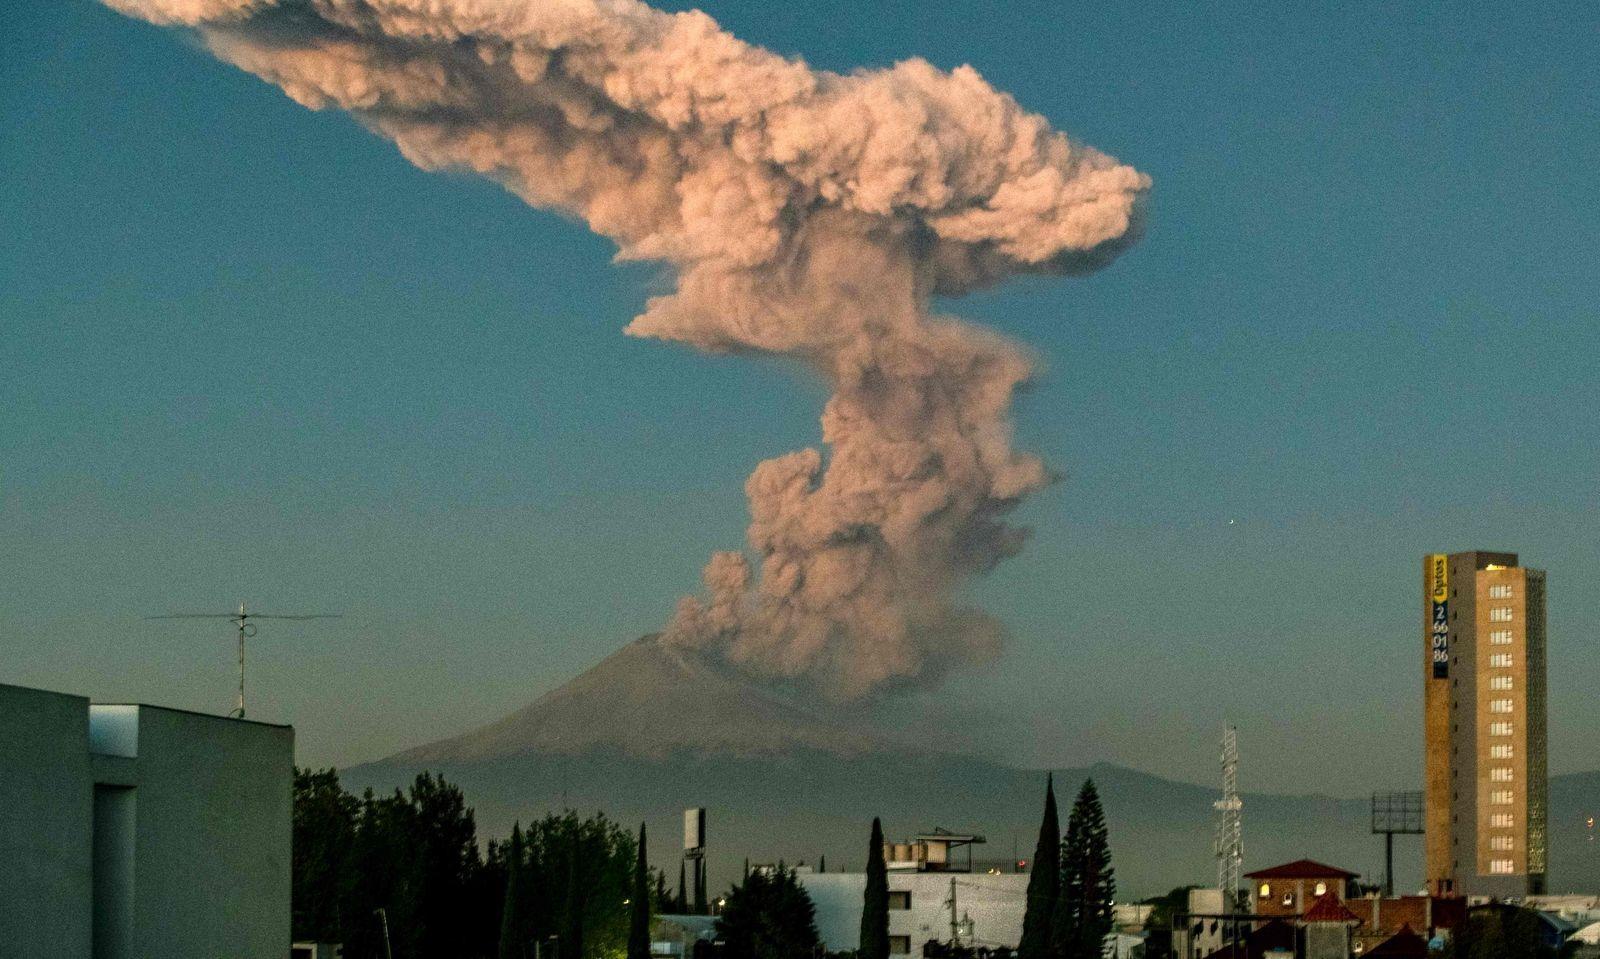 Der Vulkan Popocatepetl in Mexiko ist wieder aktiv.